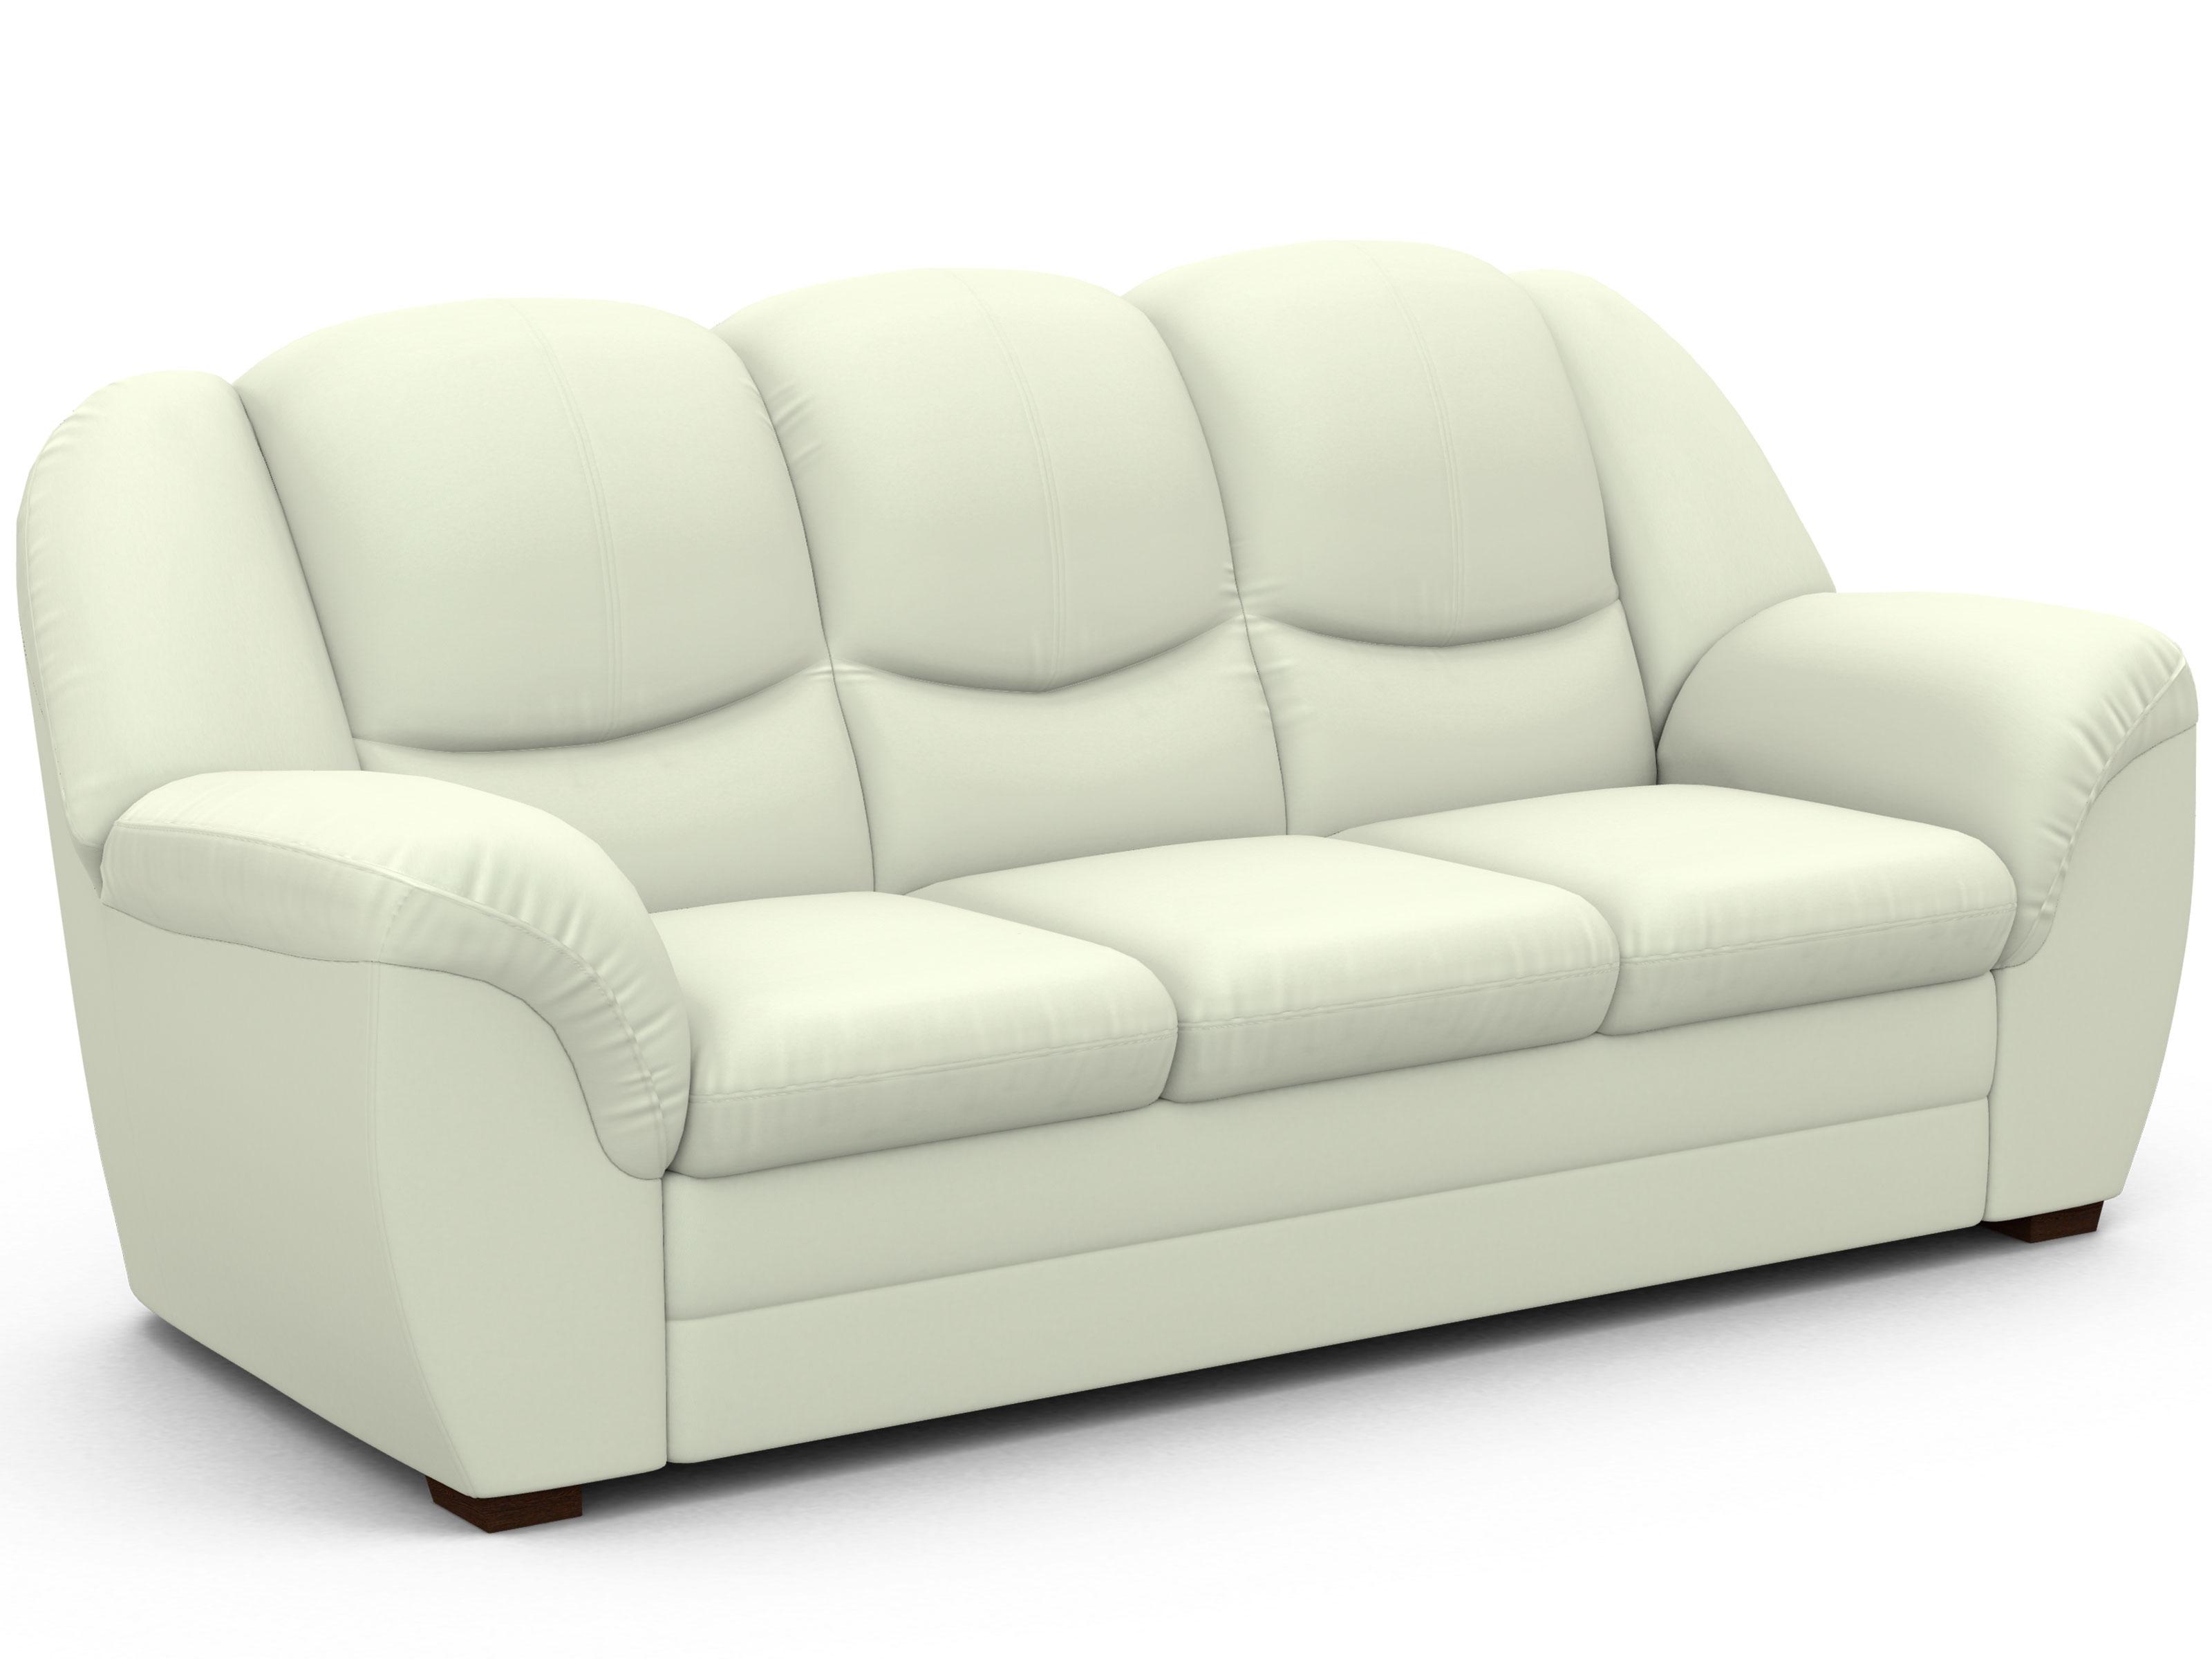 диван шихан 1400 цена в интернет магазине топ мебель в санкт